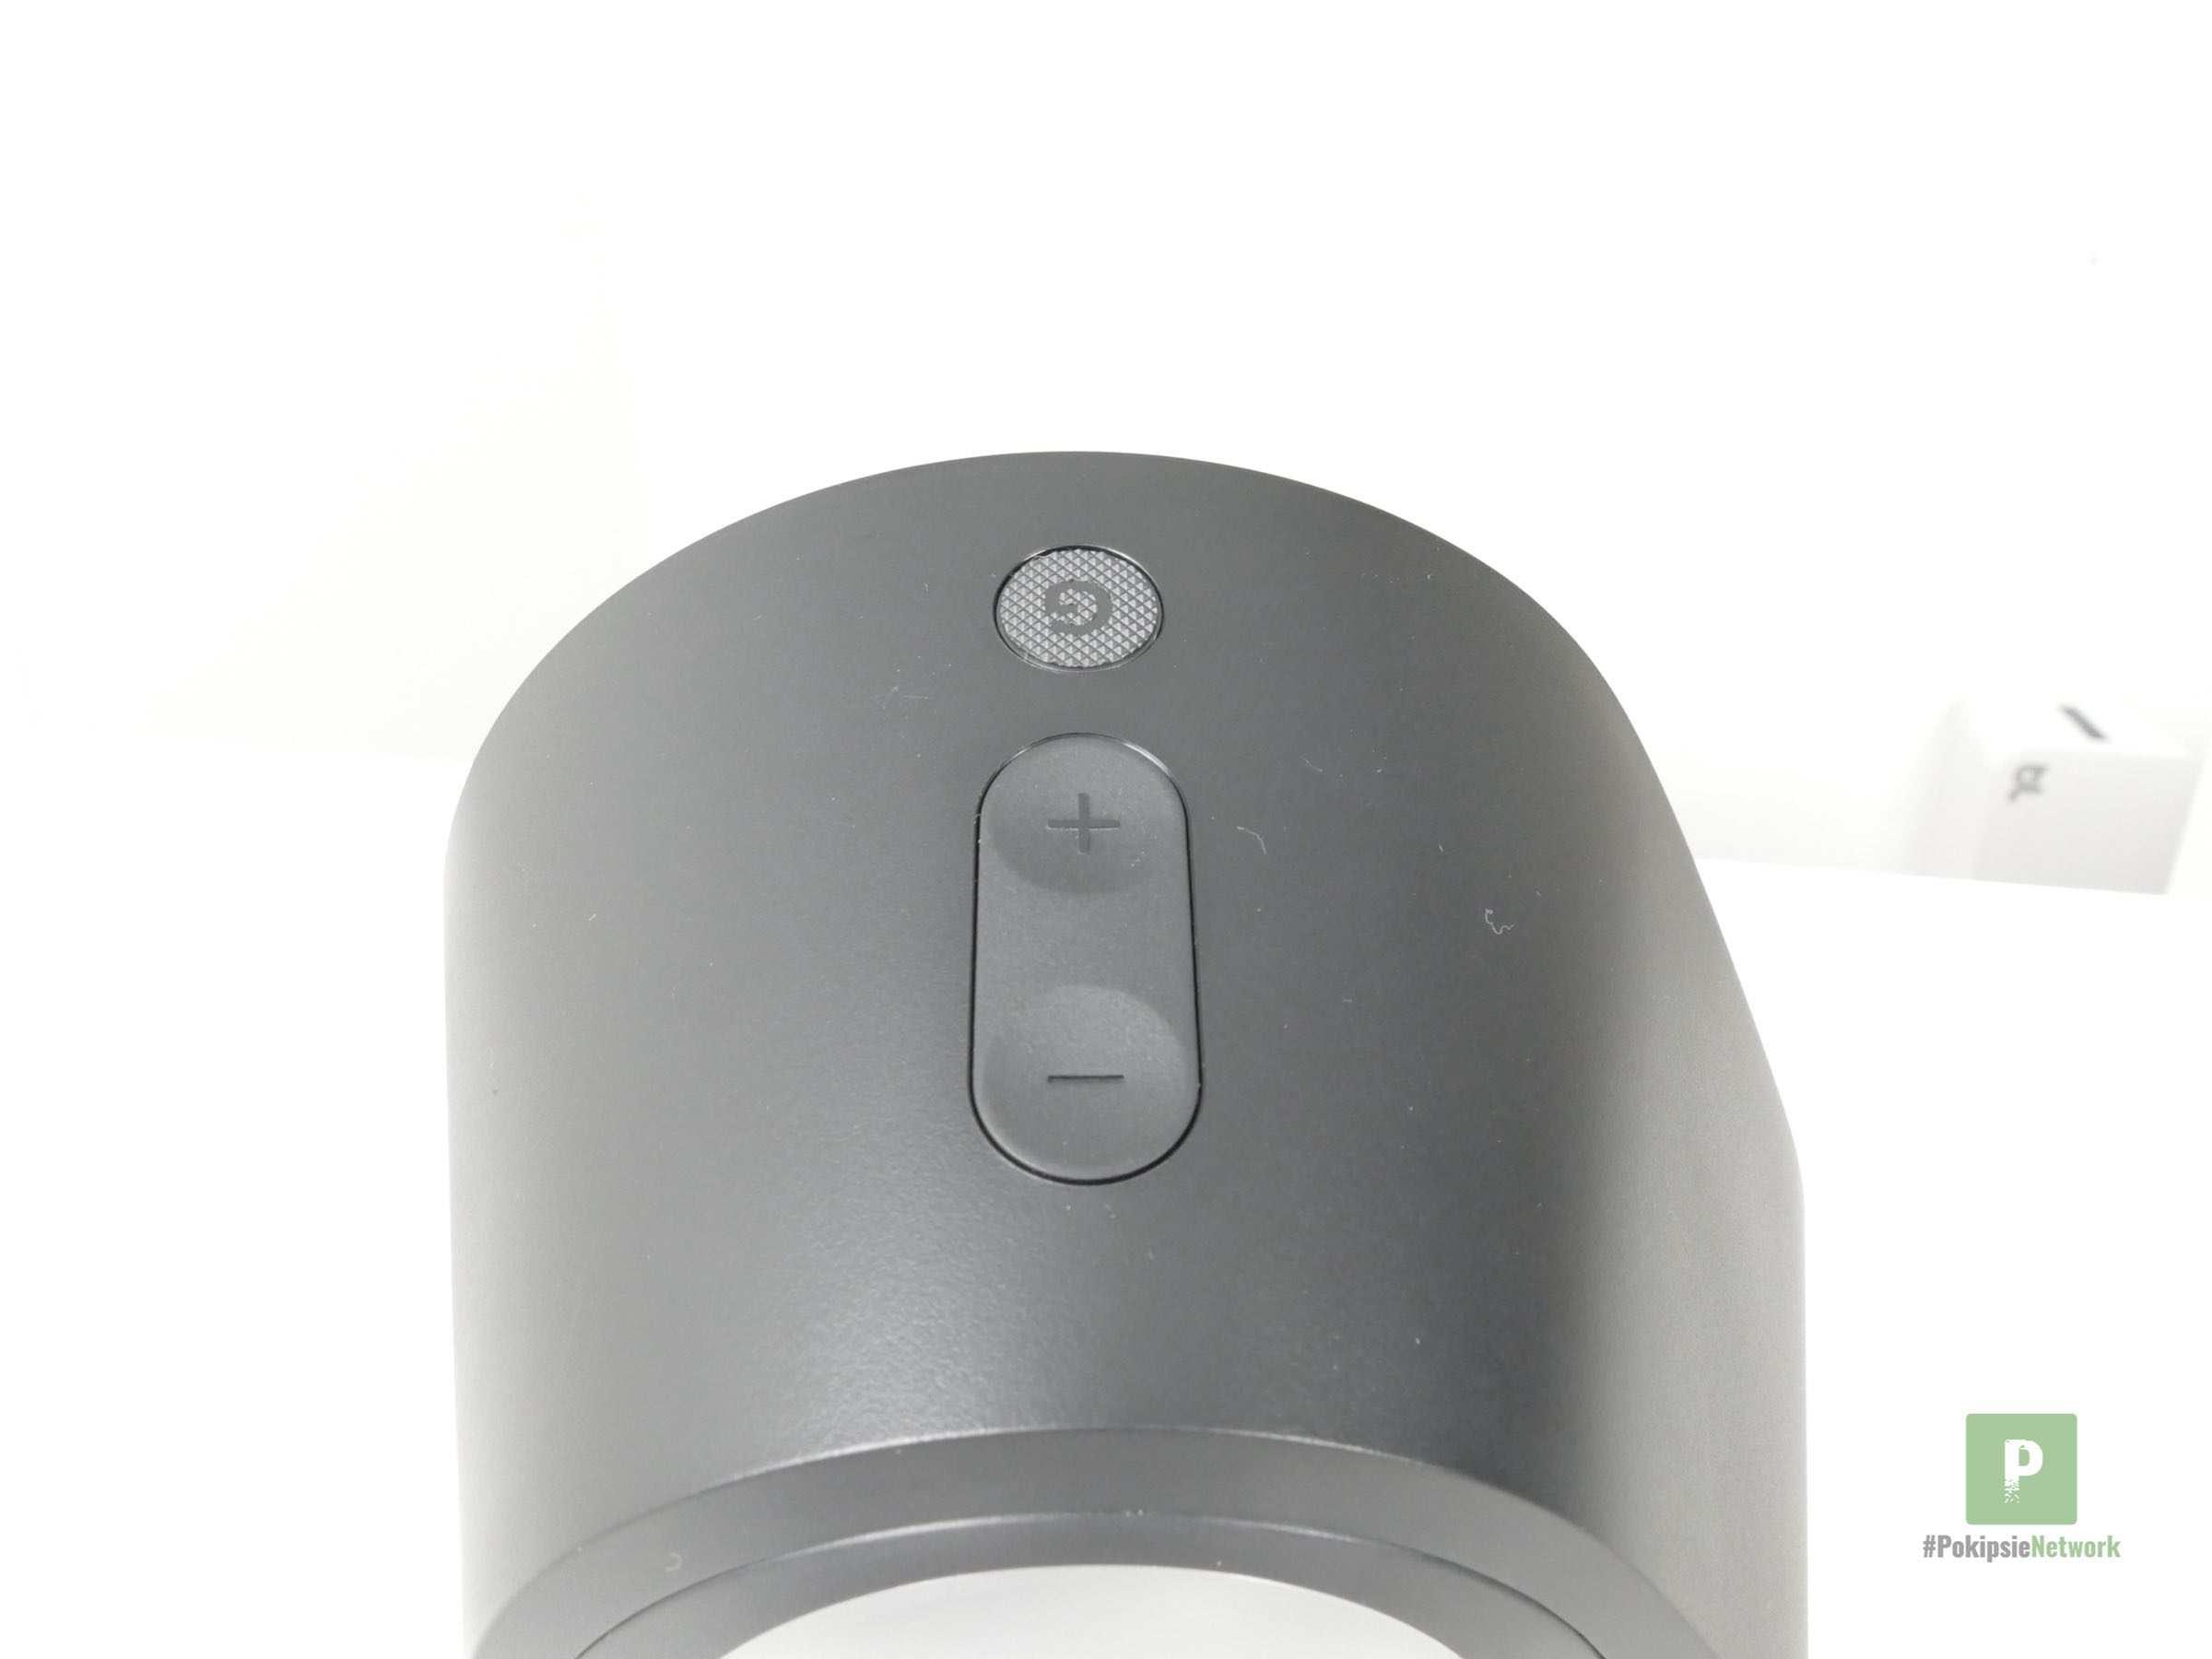 Der Ein-/ und Ausschalt- sowie Laut-/ und Leise-Knopf